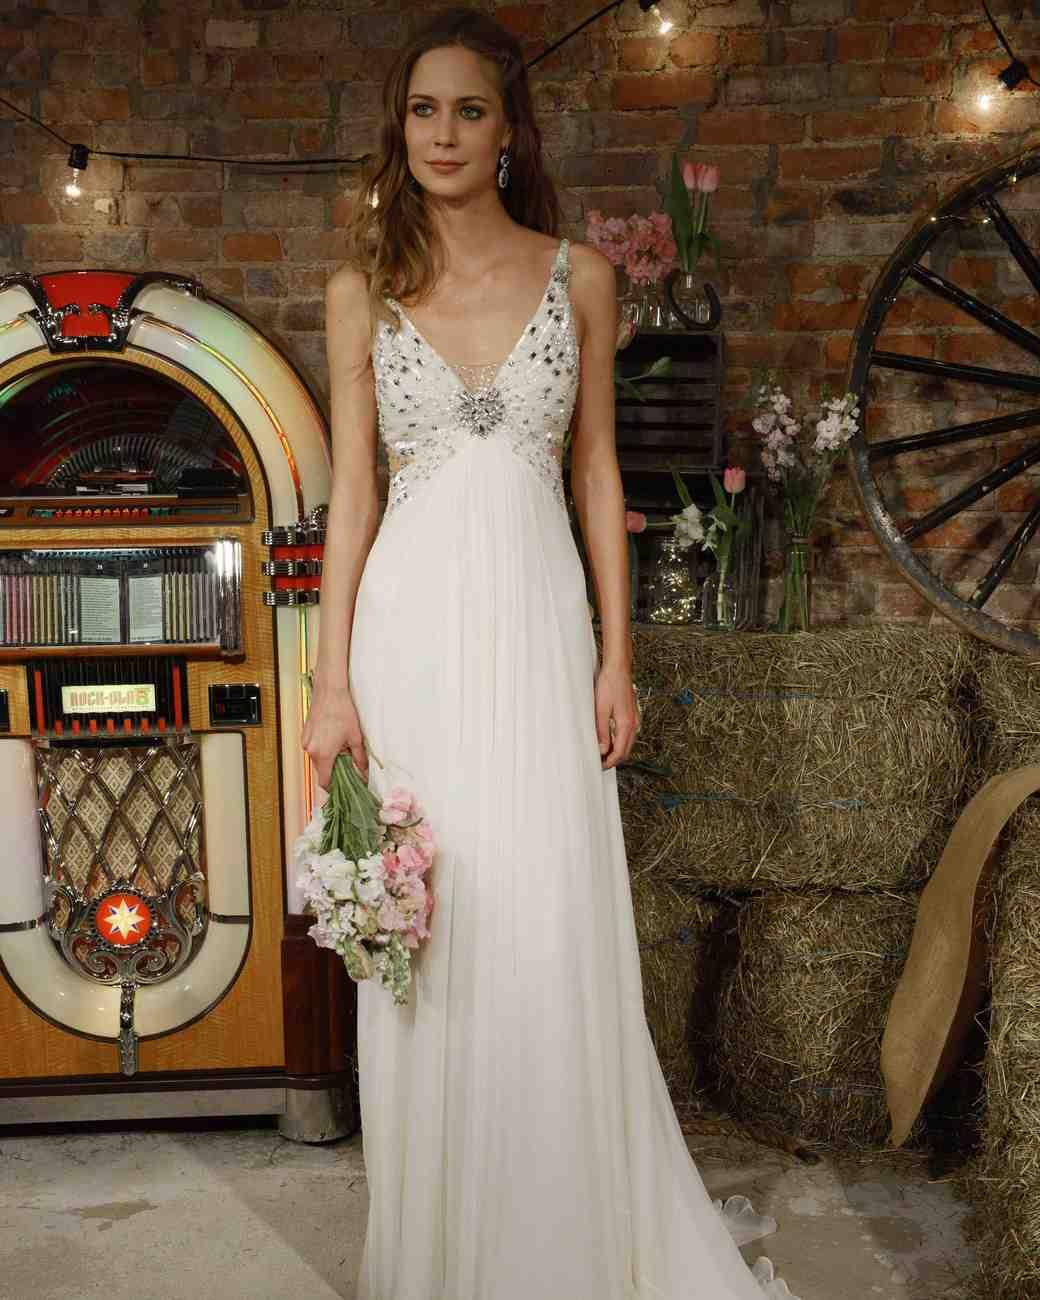 Jenny Packham Wedding Dress with Cutouts